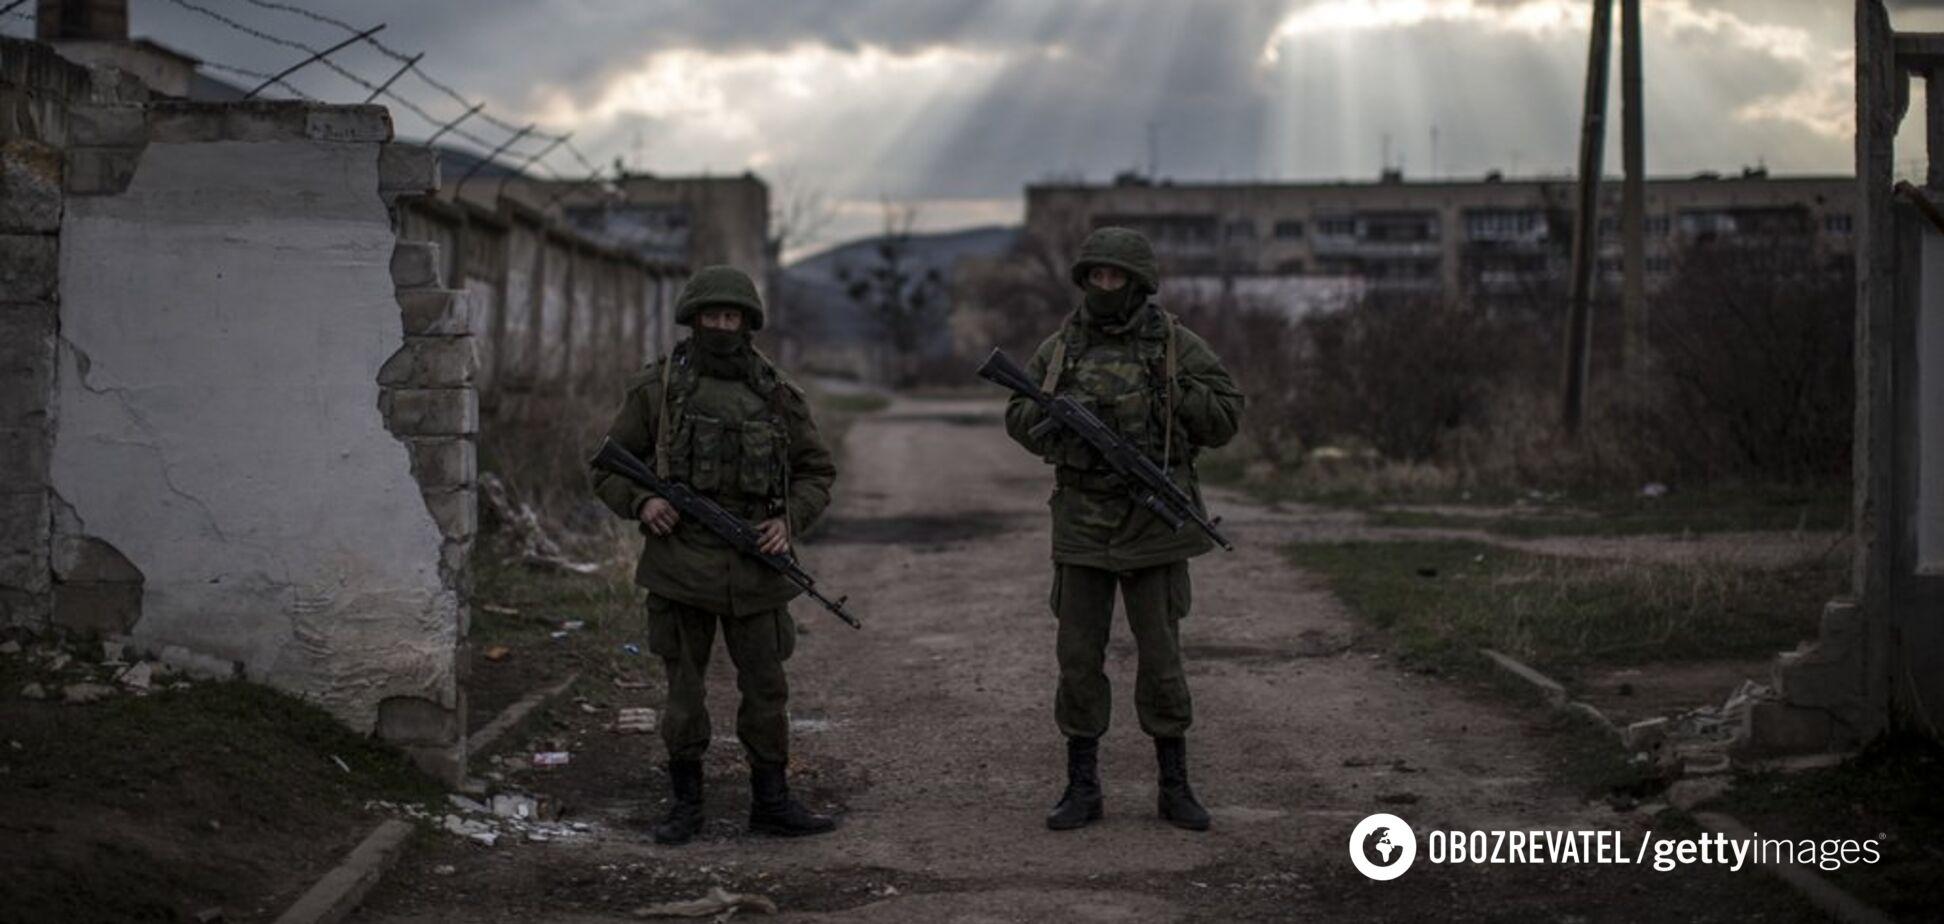 'Води і світла немає, лунають вибухи!' У Криму забили на сполох через дії окупантів